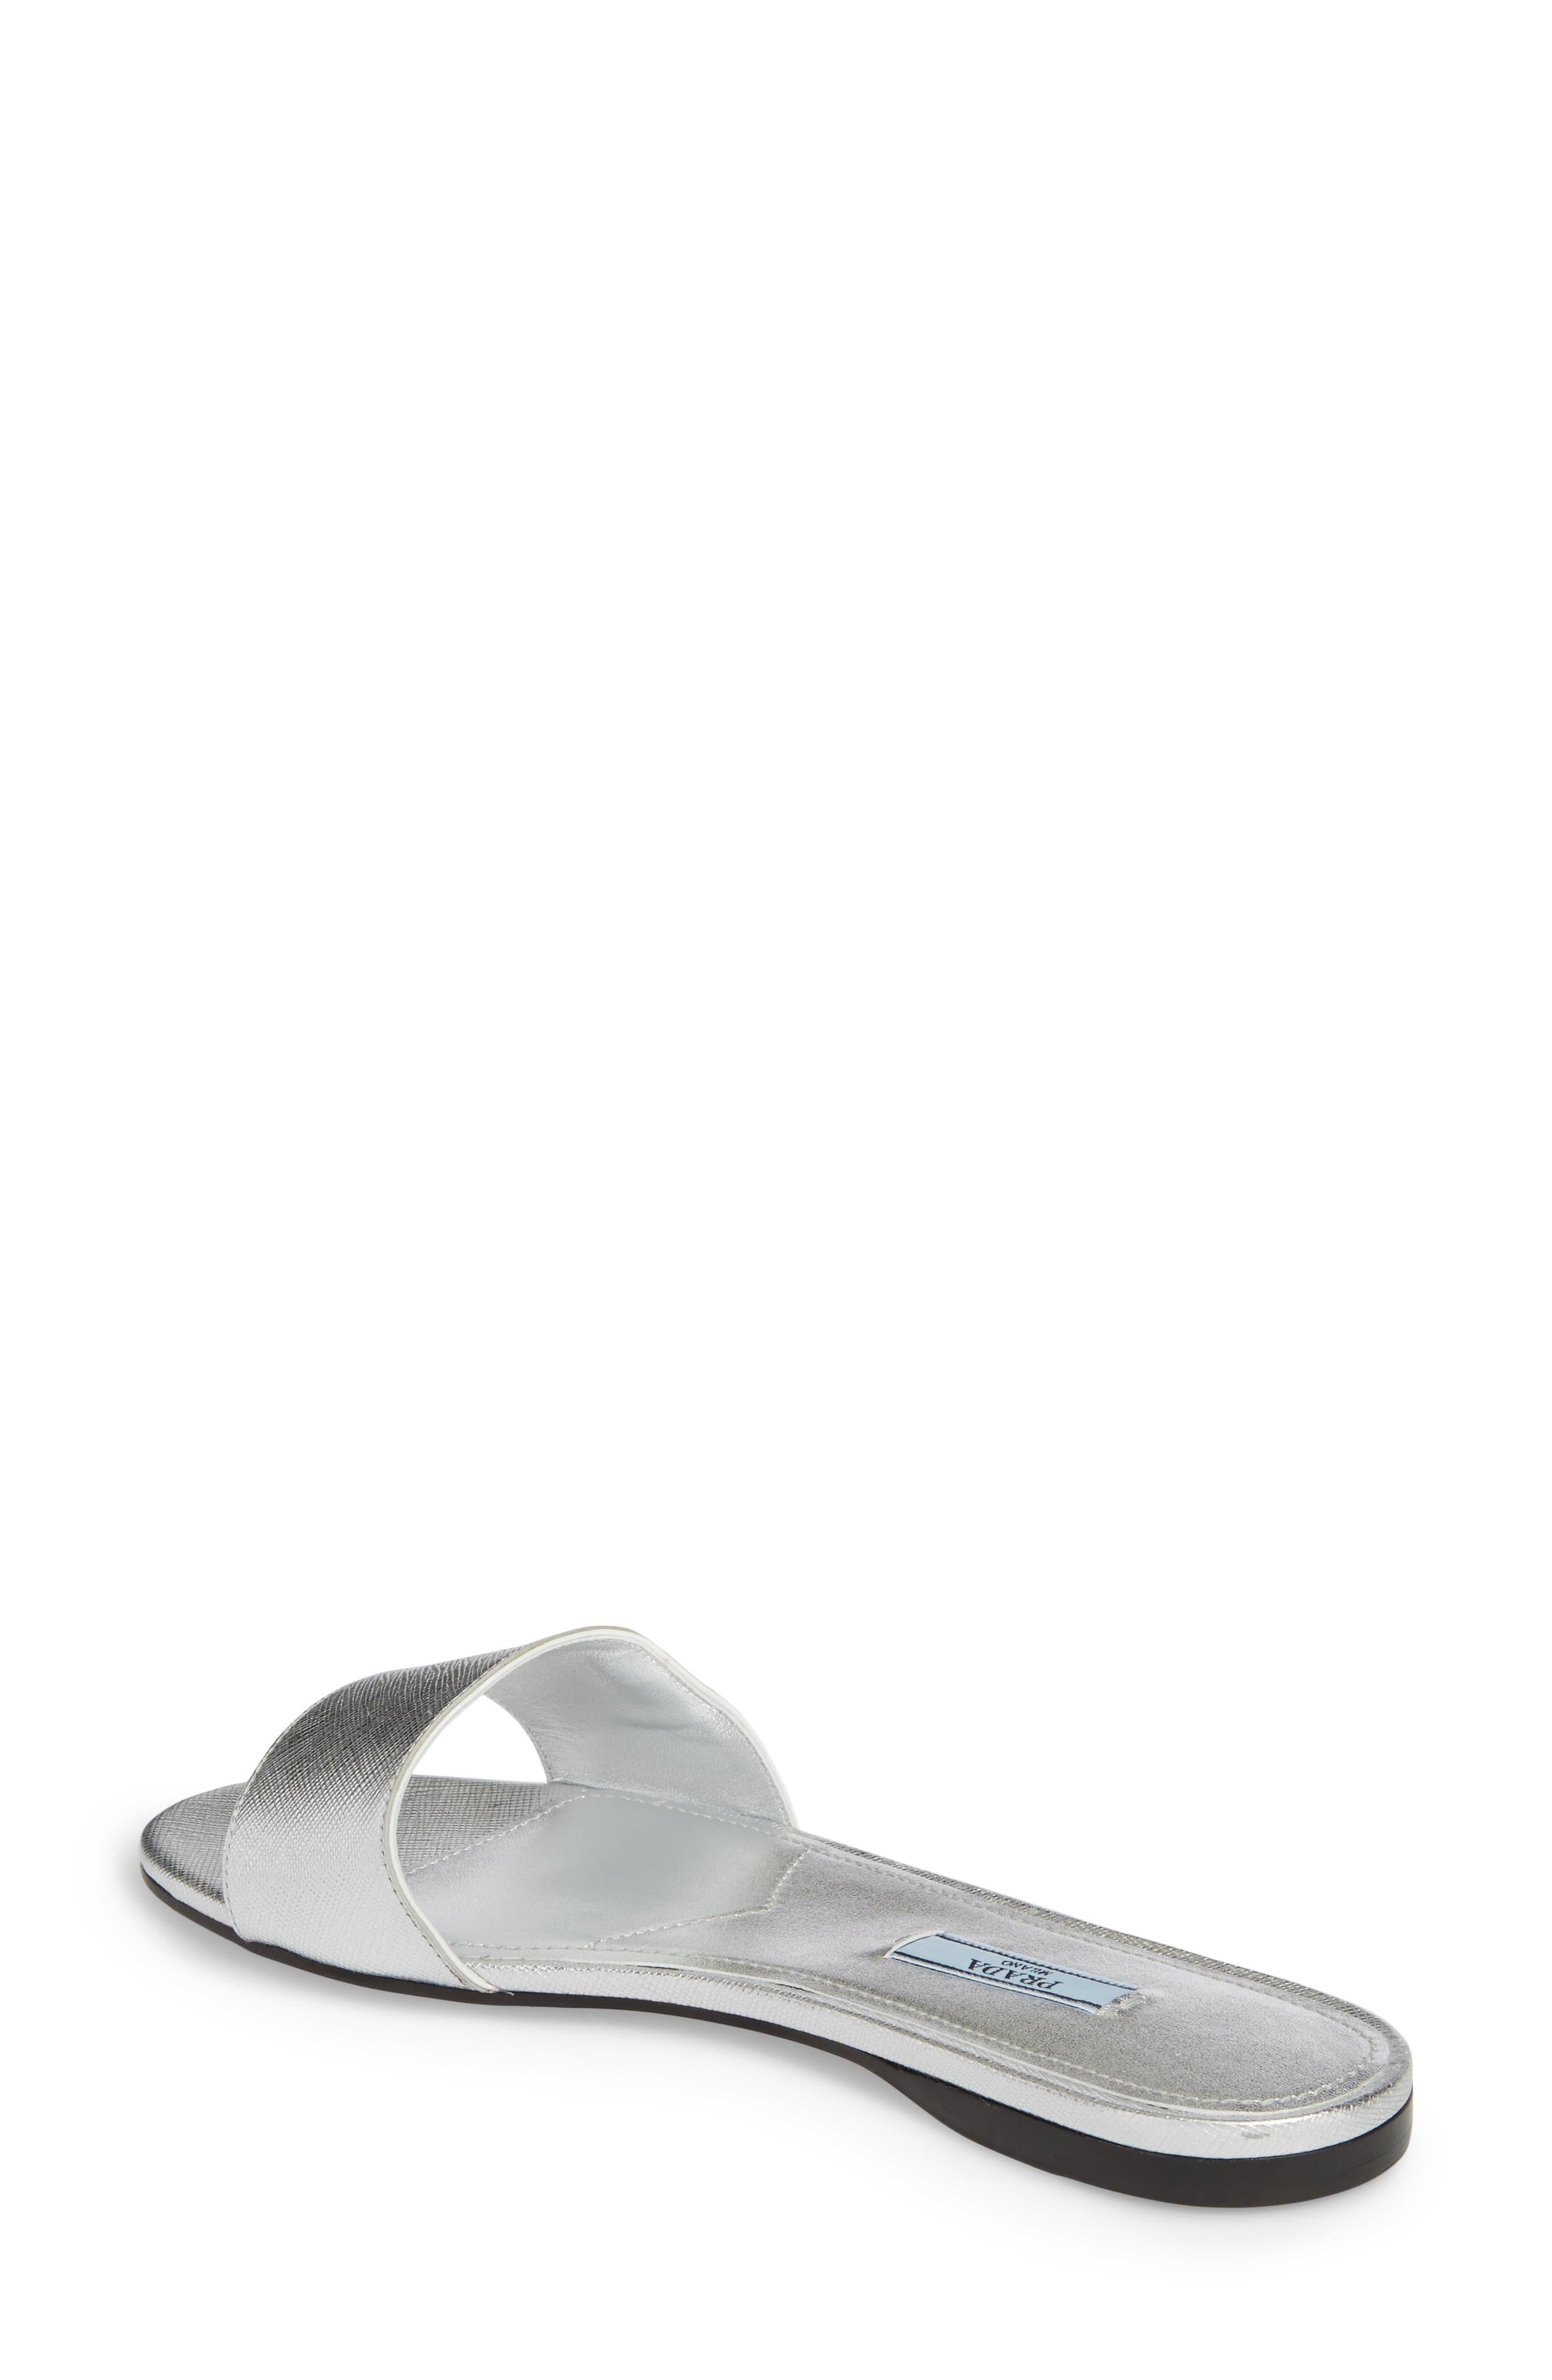 Slide Sandal,                             Alternate thumbnail 2, color,                             Silver